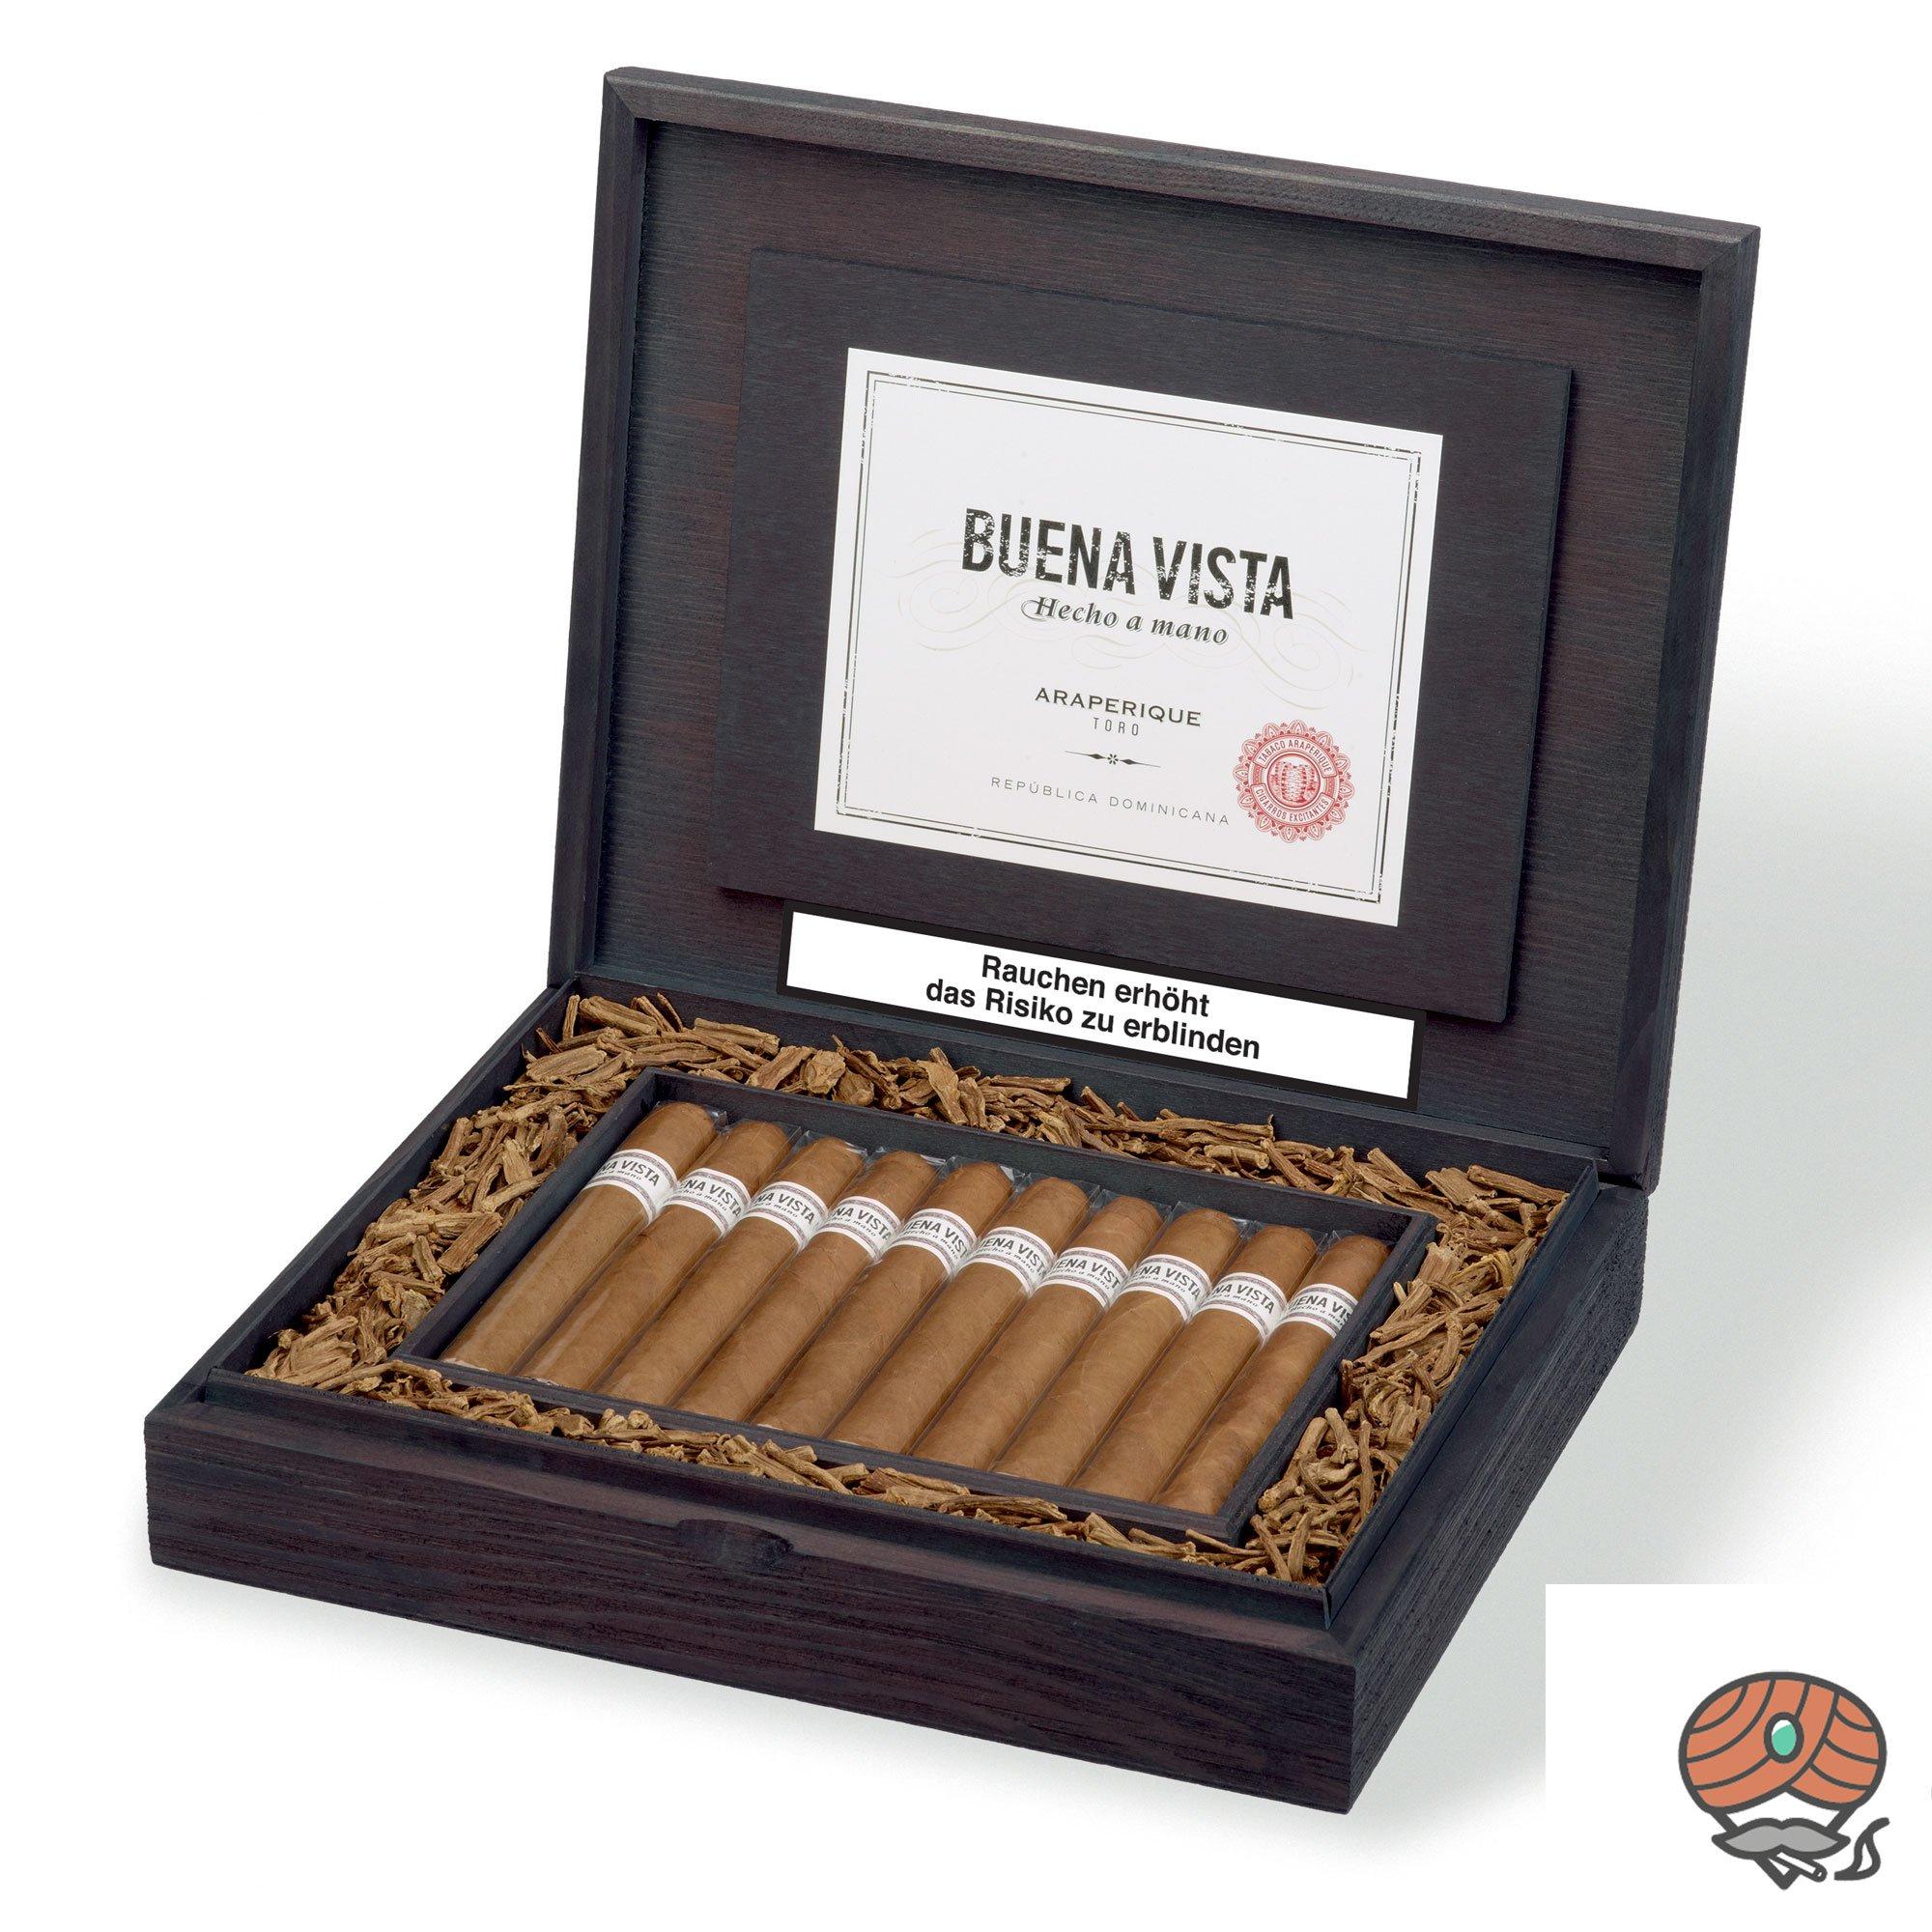 Buena Vista Araperique Toro Zigarre Dominikanische Republik 20er Kiste